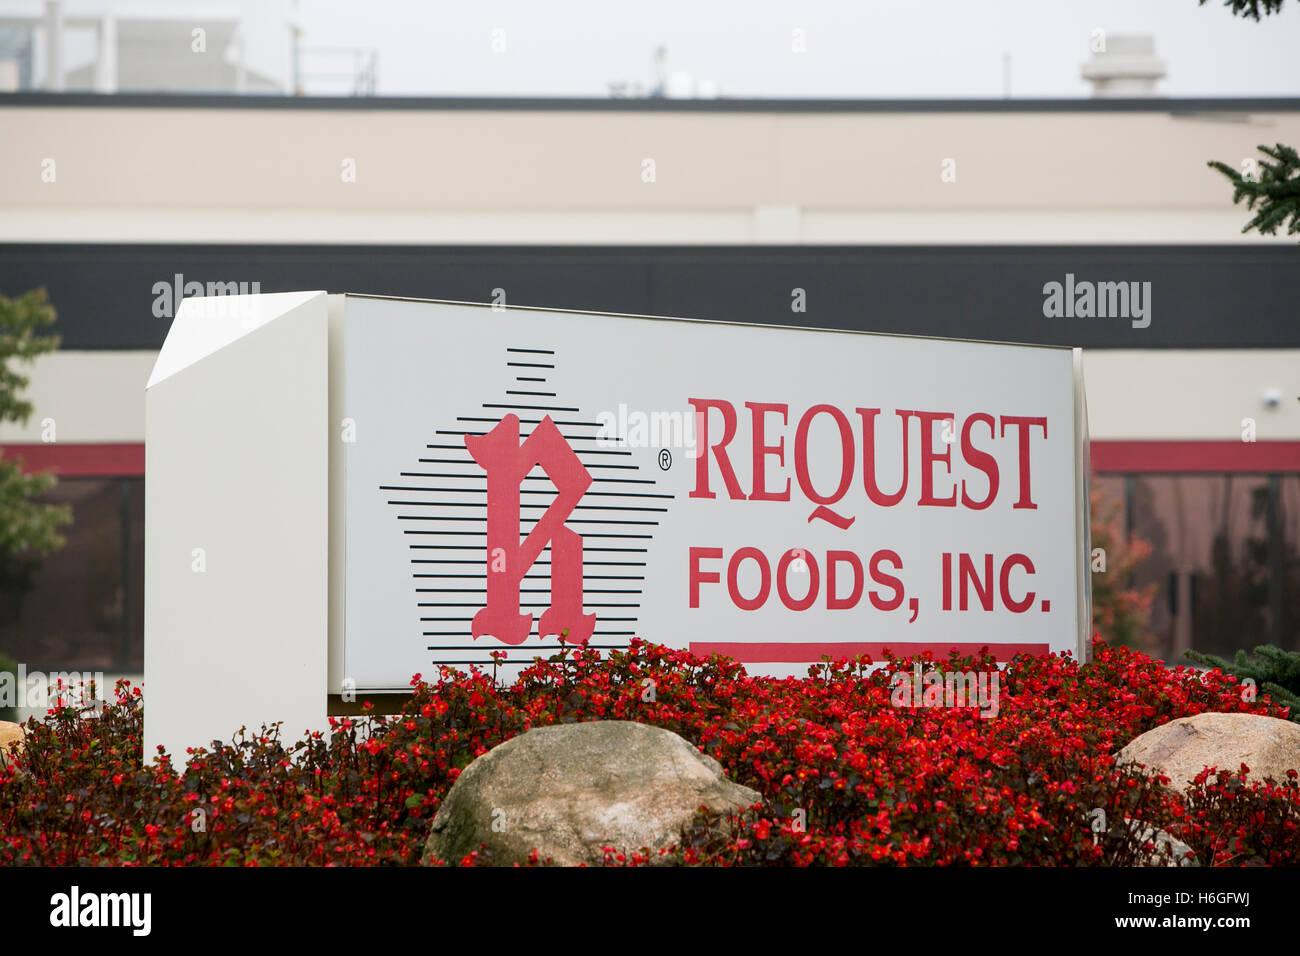 Un logo segno al di fuori della sede della richiesta di alimenti, Inc., in Olanda, Michigan, il 16 ottobre 2016. Immagini Stock